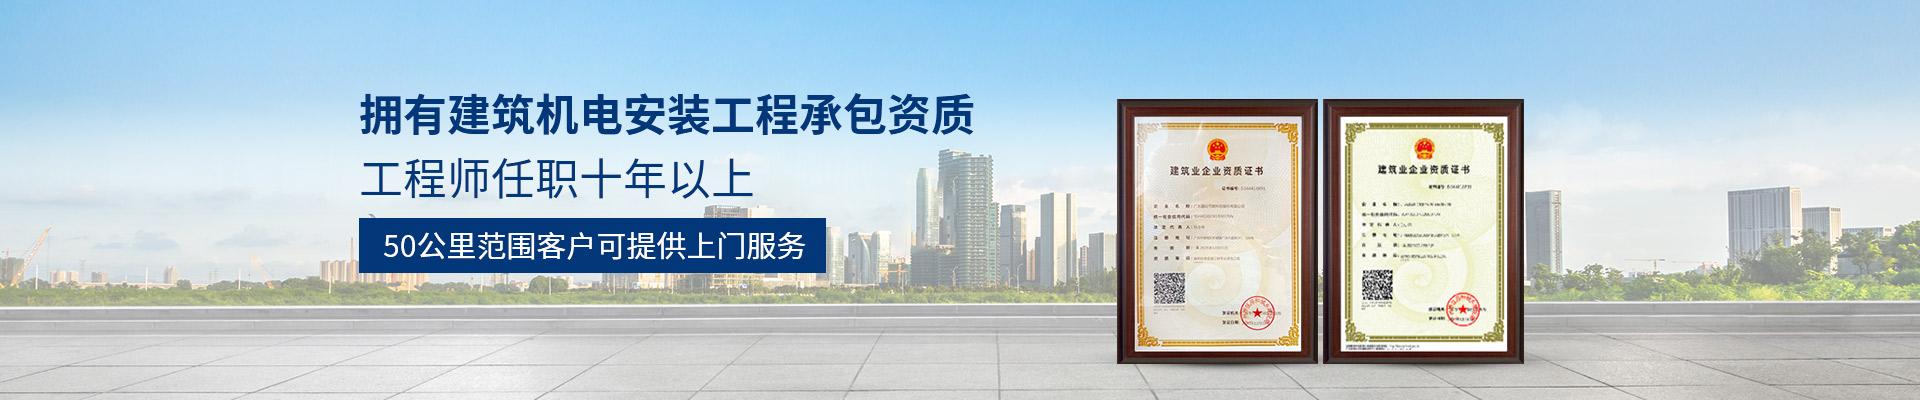 鑫钻:拥有建筑机电安装工程承包资质